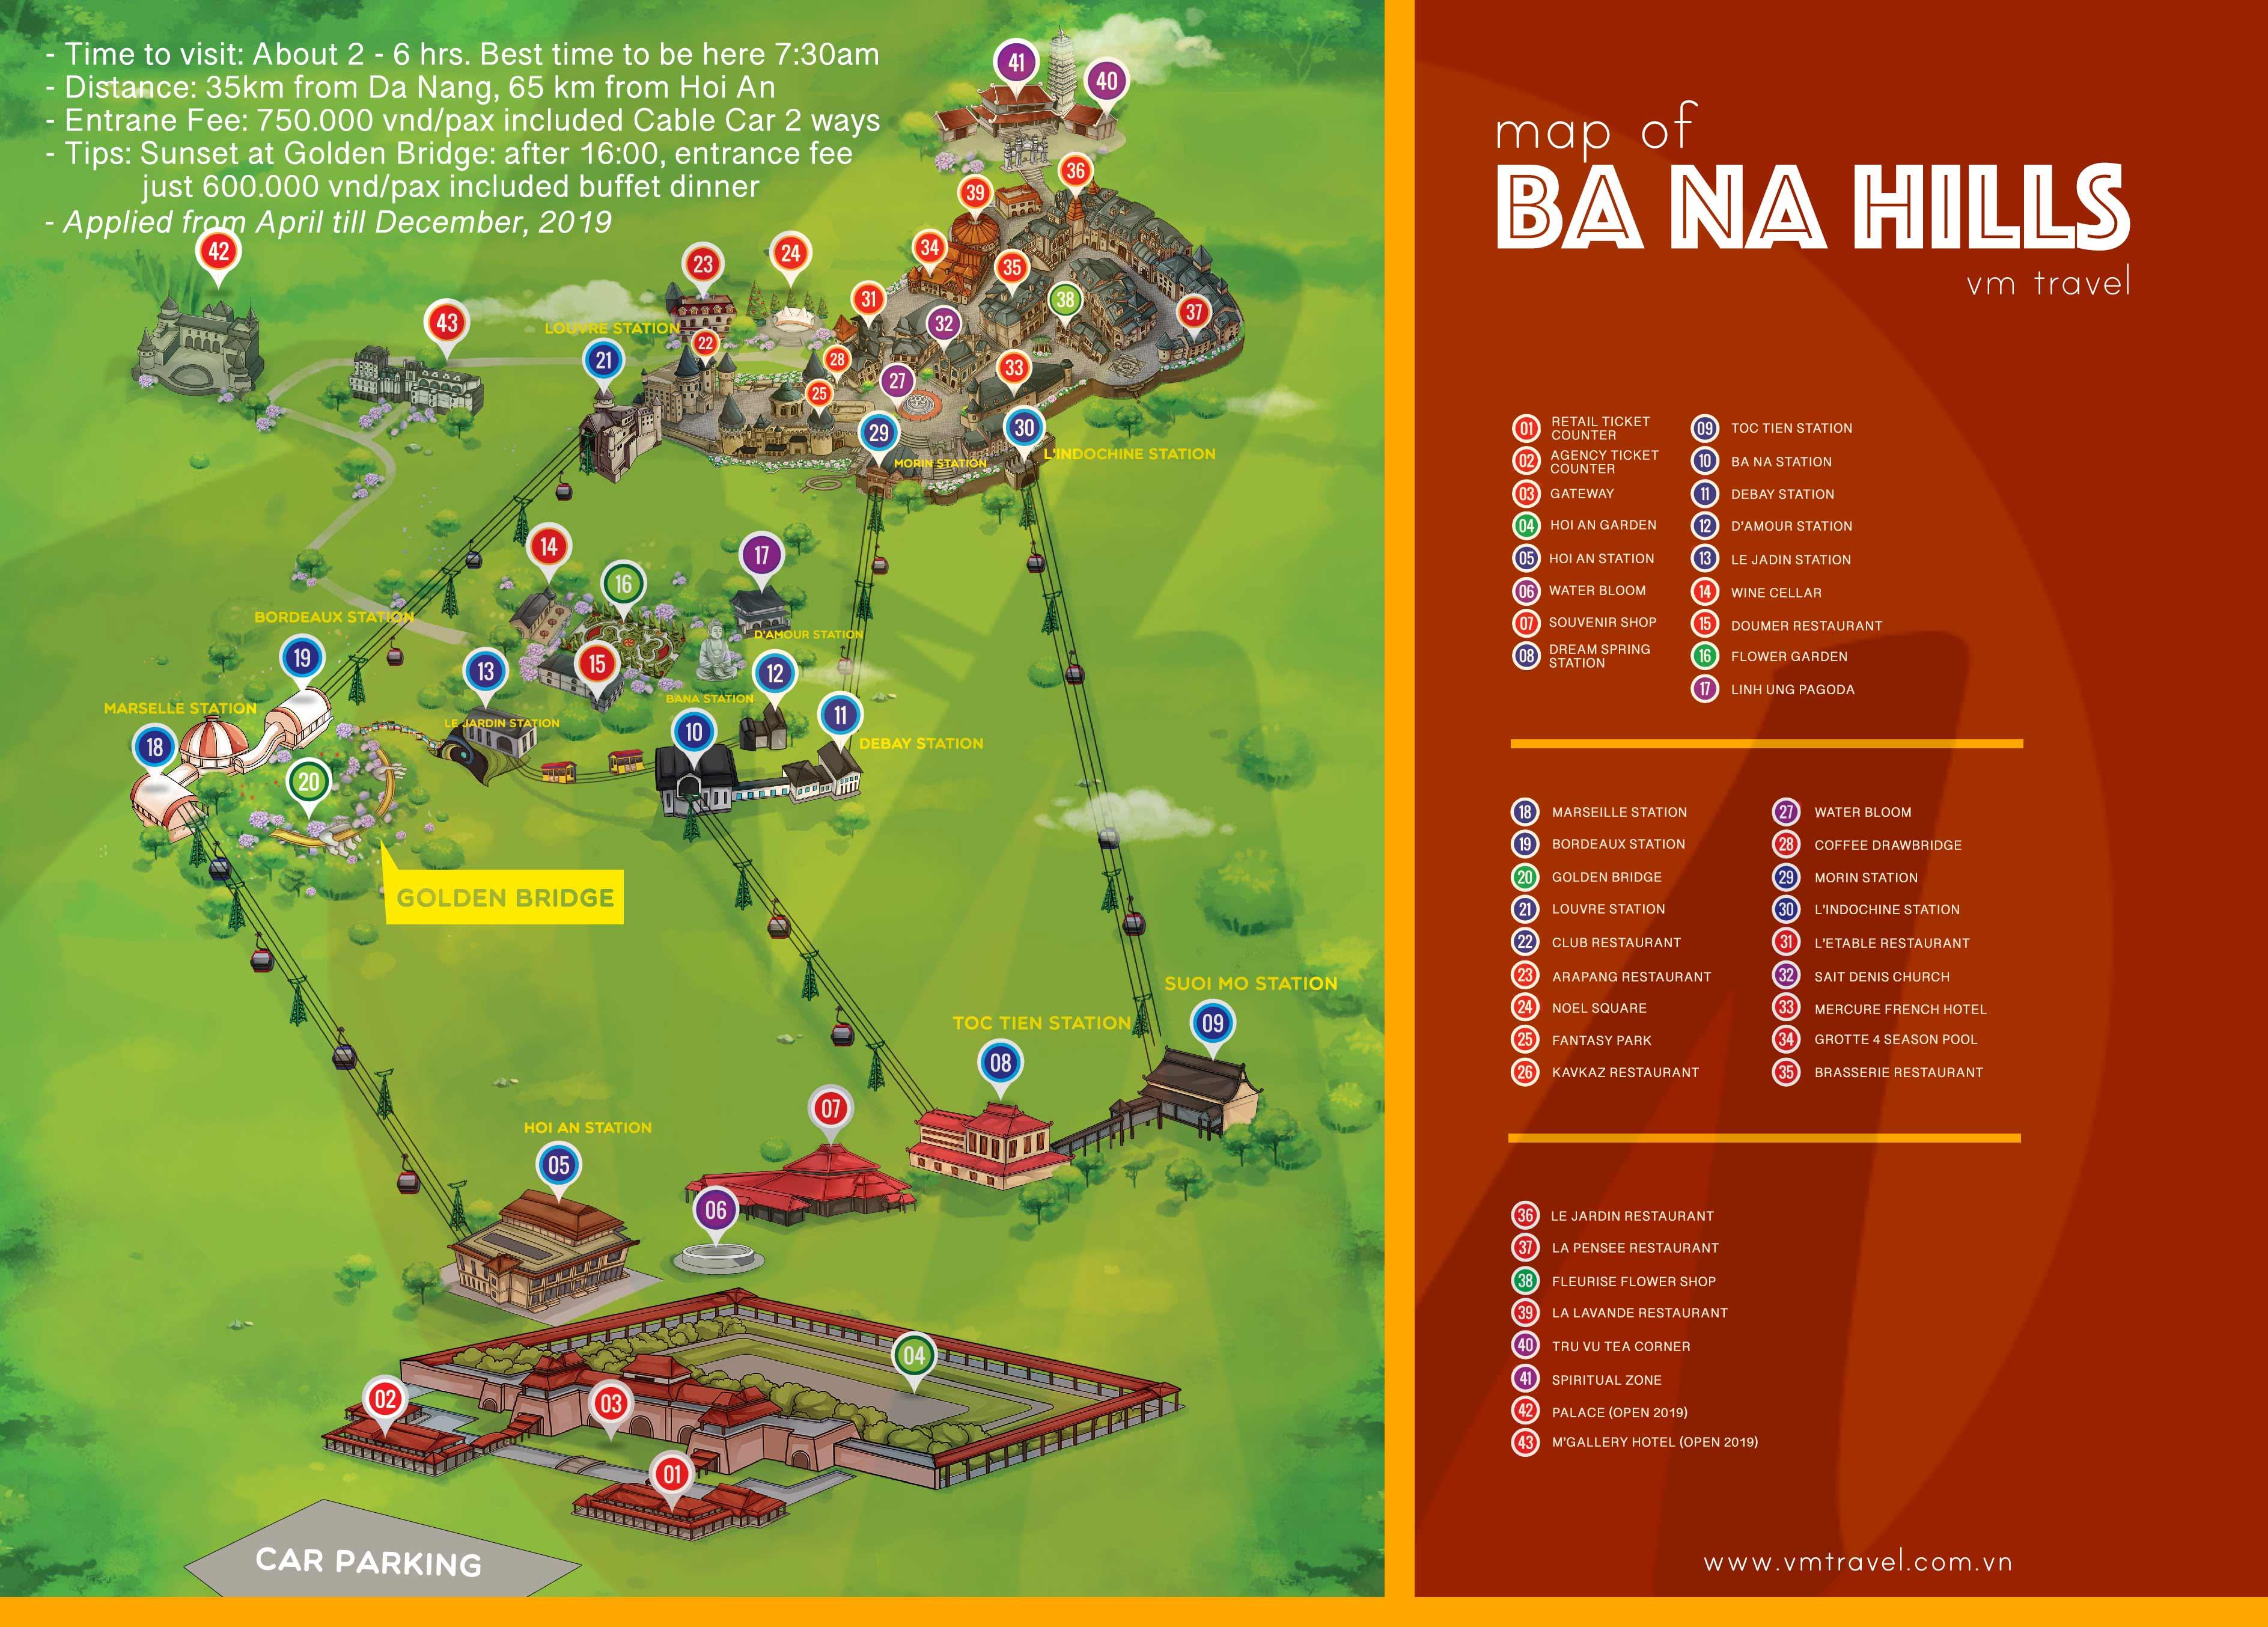 mapa del ba na hills